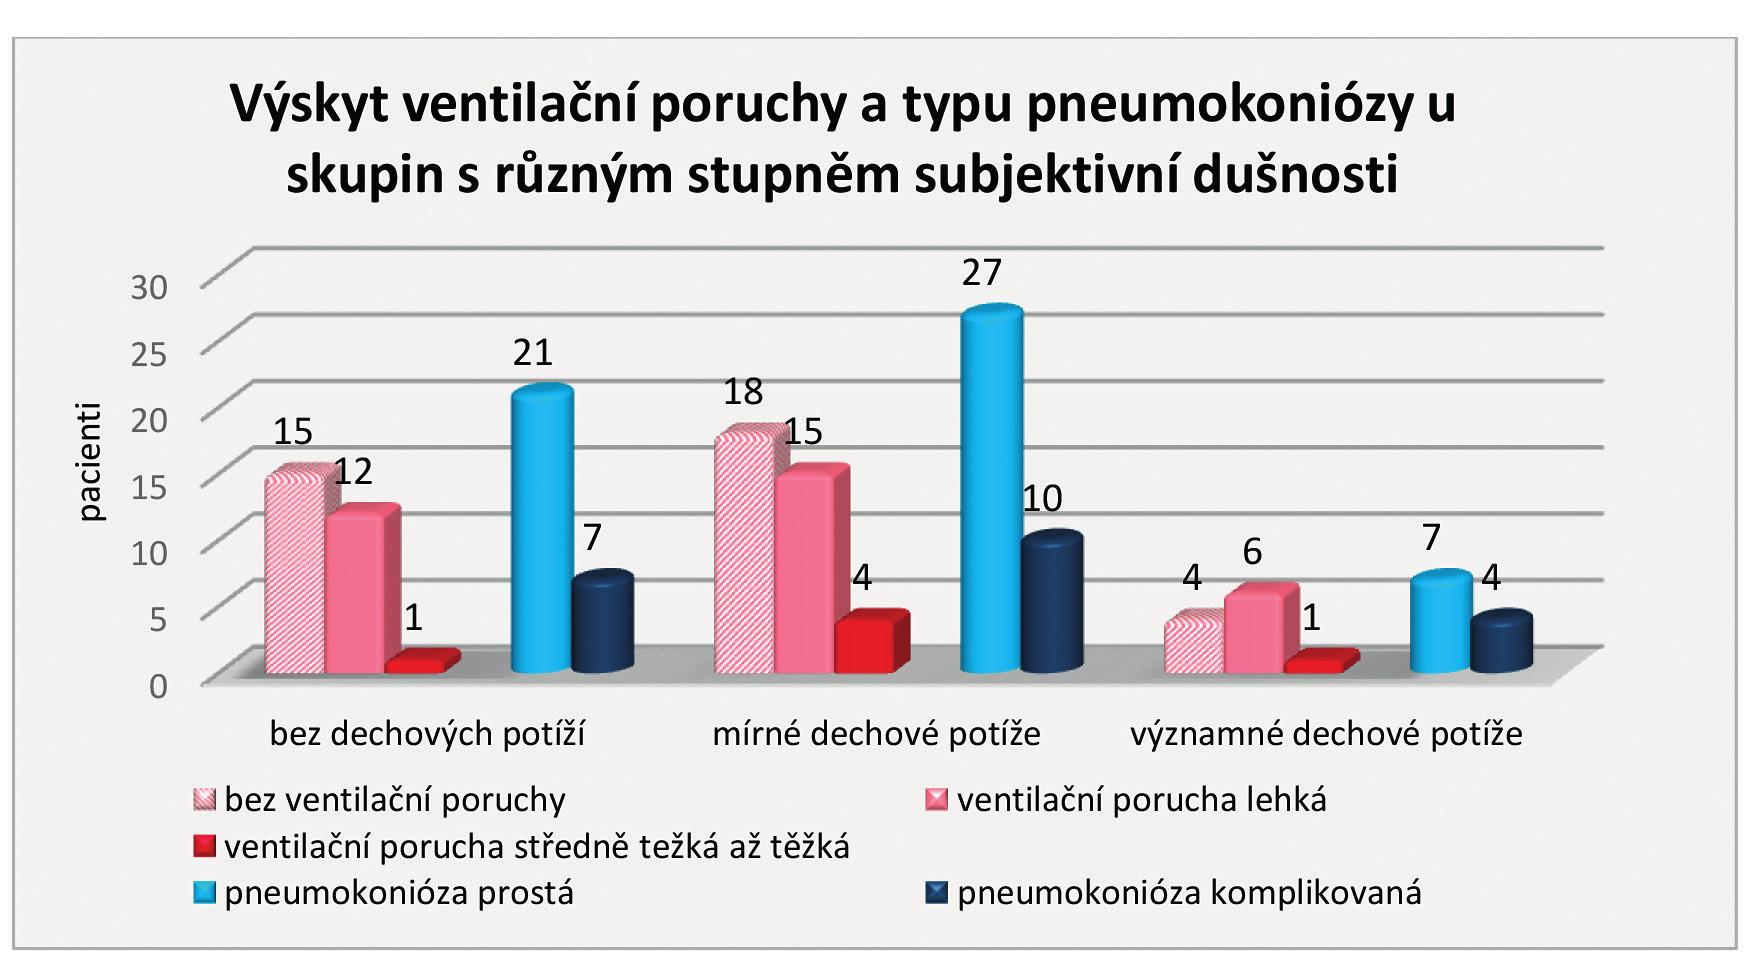 Výskyt ventilační poruchy a typu pneumokoniózy u skupin s různým stupněm subjektivní dušnosti